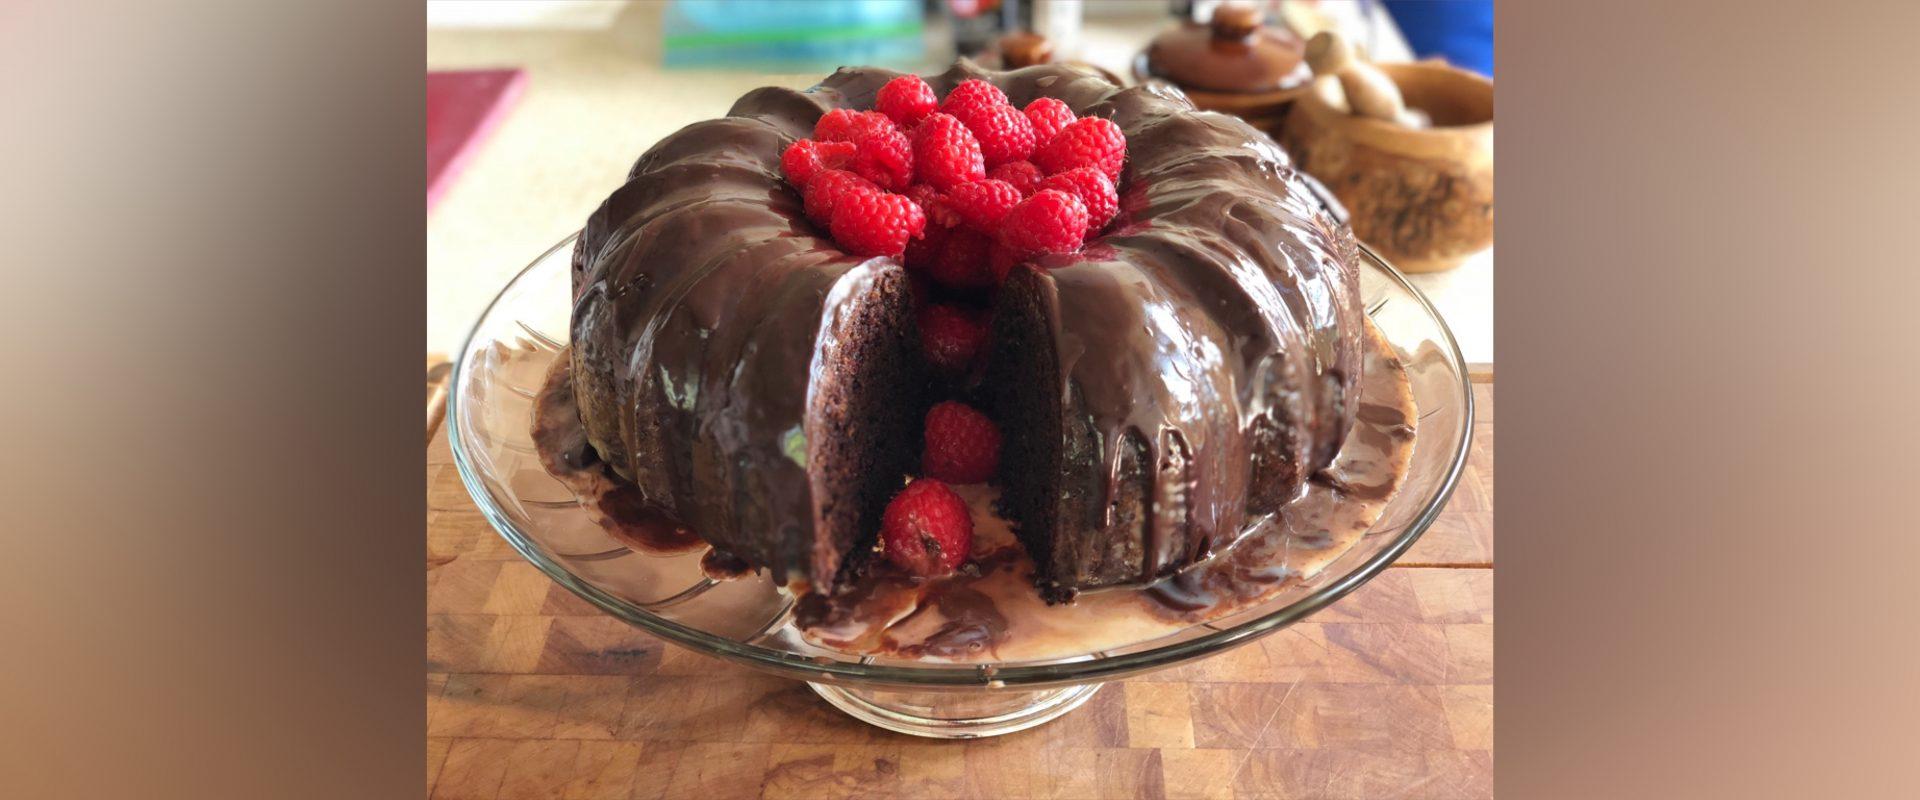 Permalink to: Bourbon Chocolate Cake